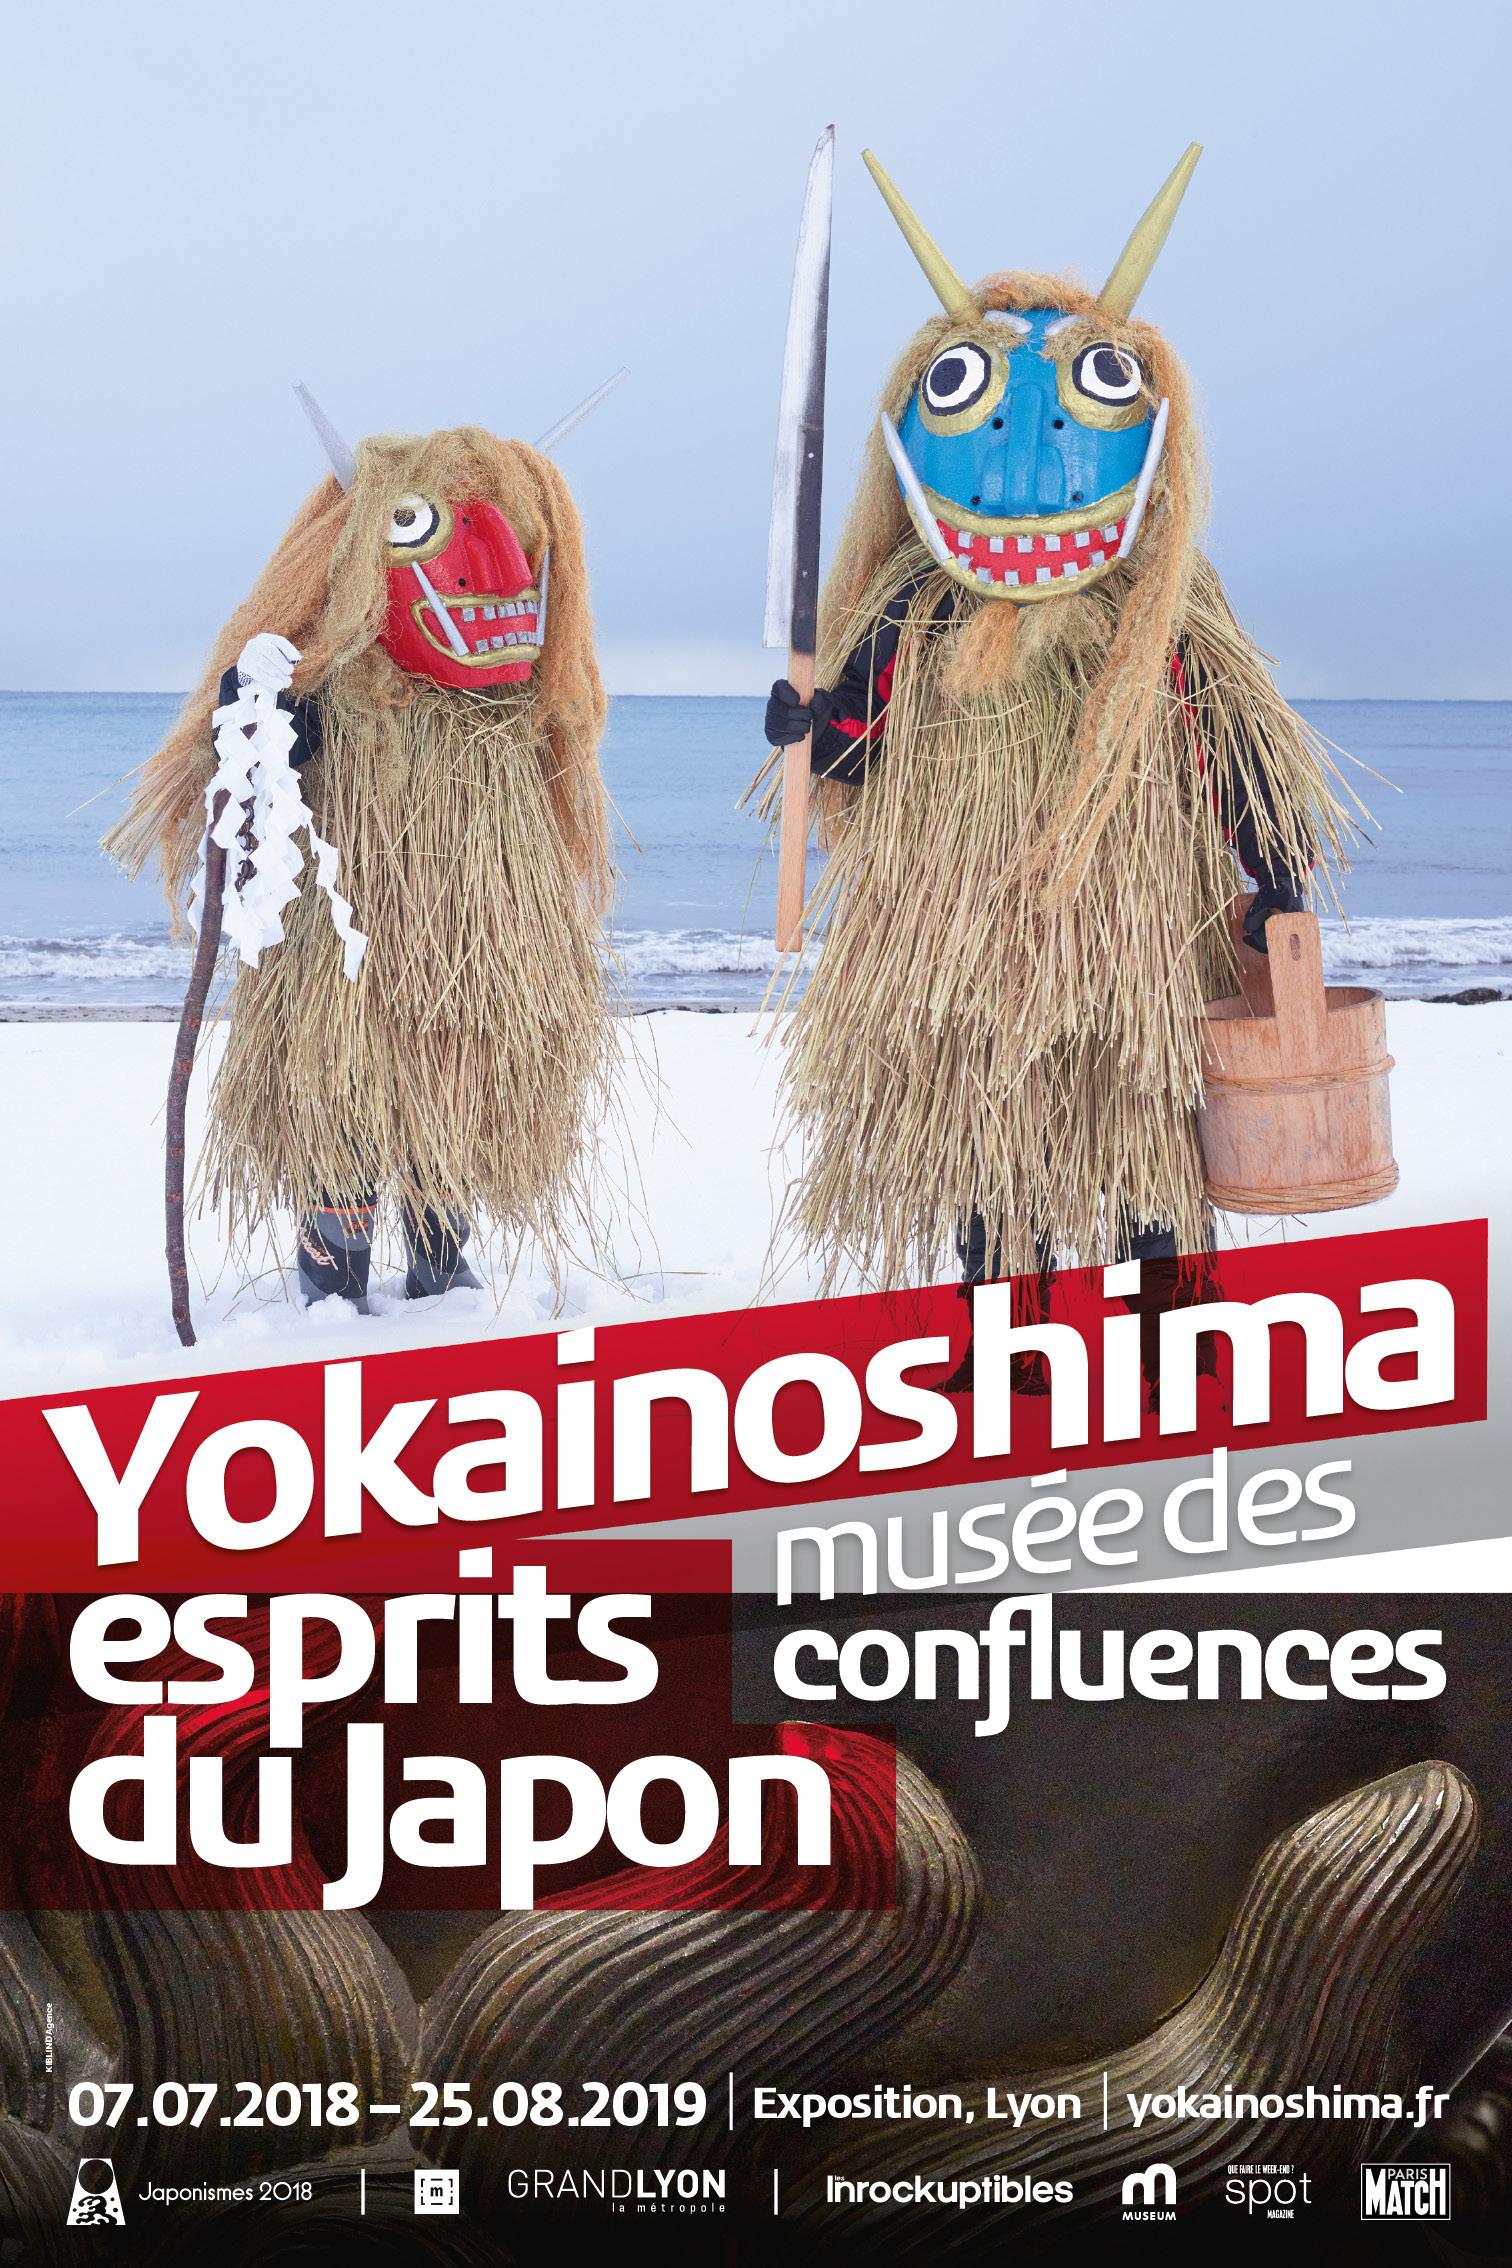 Musée des Confluences : Yokainoshima, esprits du Japon